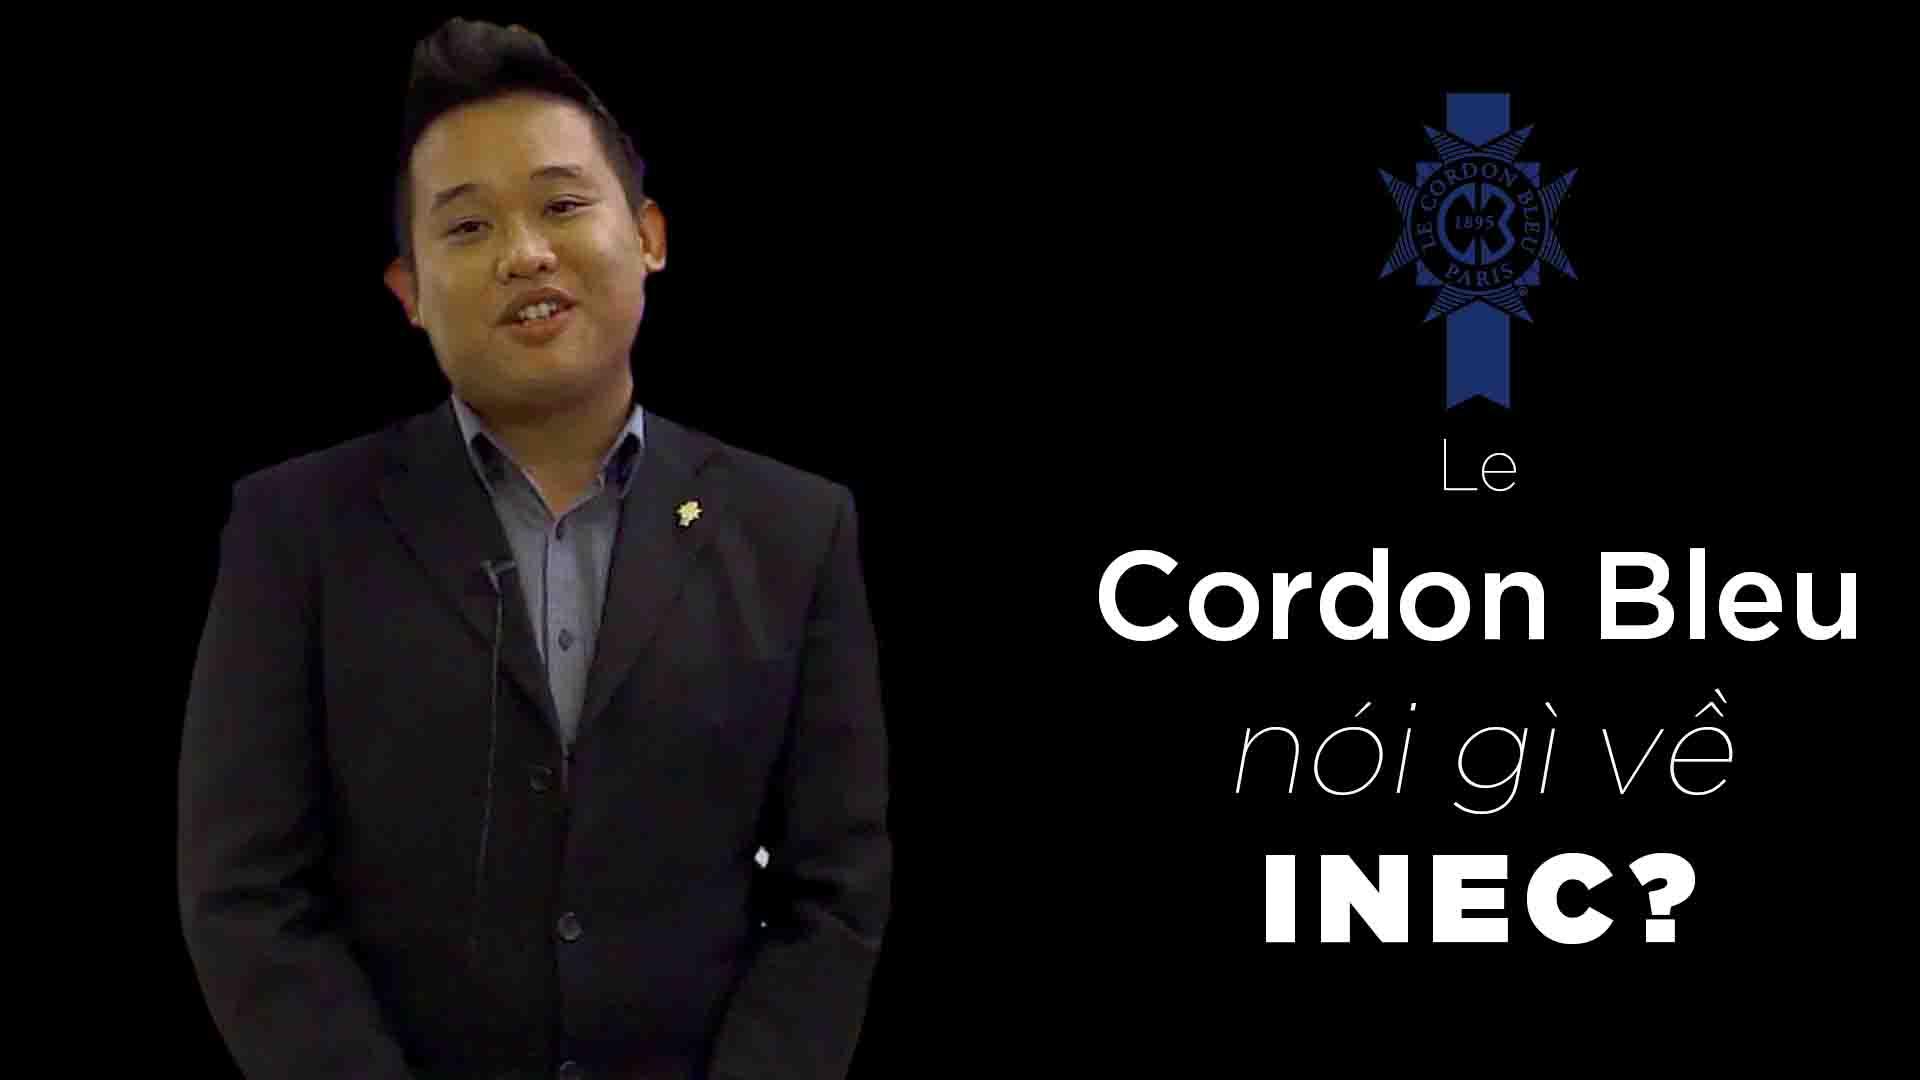 """Ông Ryan Rok đến từ Học viện La Cordon Bleu (LCB) khu học xá Malaysia. Ông chia sẻ, lý do sinh viên chọn LCB Malaysia là: đất nước đa văn hóa, môi trường quốc tế, sinh hoạt phí phải chăng, quan trọng nhất là bạn được học và nhận bằng cấp chất lượng. Tại Việt Nam, LCB Malaysia tin tưởng vào mối quan hệ hợp tác với INEC, vì vậy, nếu bạn đang quan tâm đến du học Malaysia tại Học viện Le Cordon Baleu thì """"chỉ cần ghé qua INEC, nghe tư vấn"""" và bạn sẽ có những quyết định đúng đắn cho riêng mình!"""